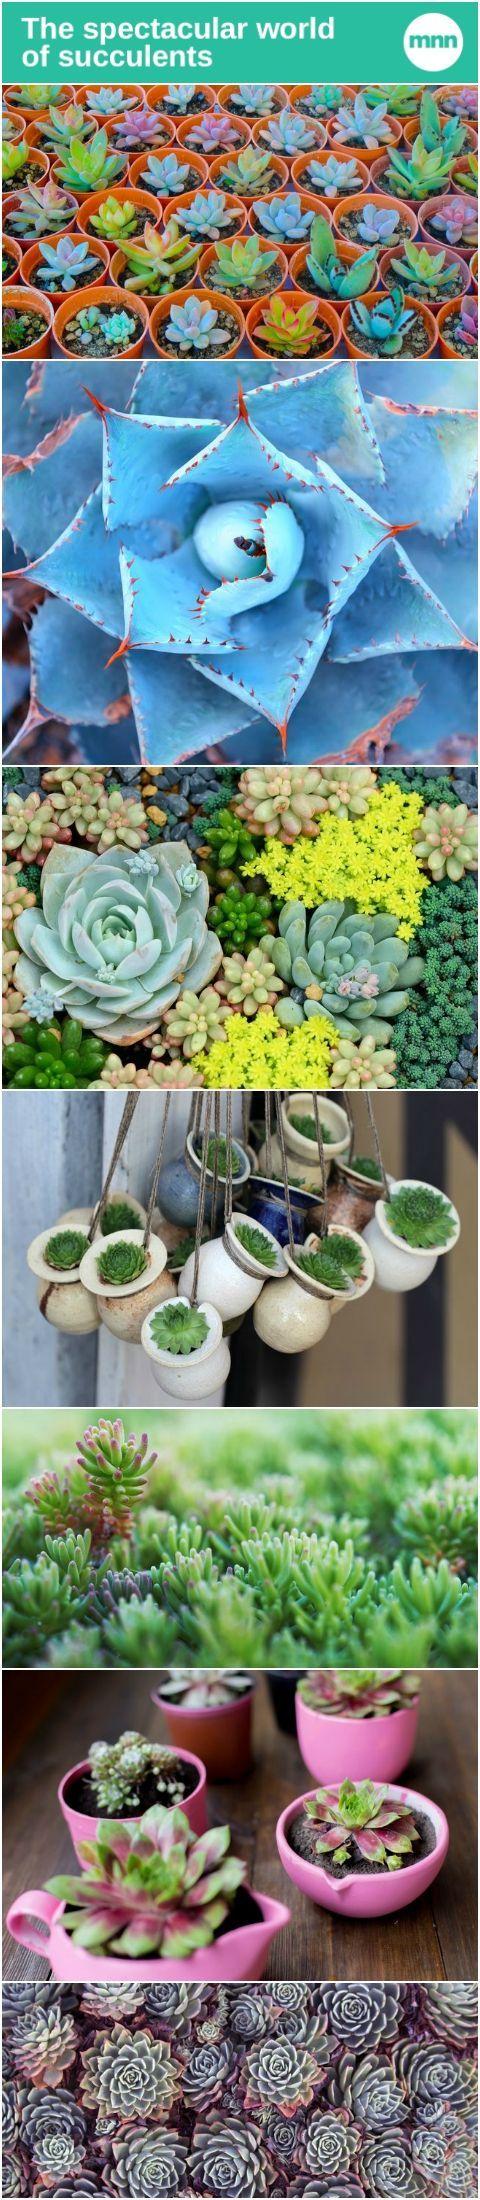 best succulent images on pinterest propagating succulents